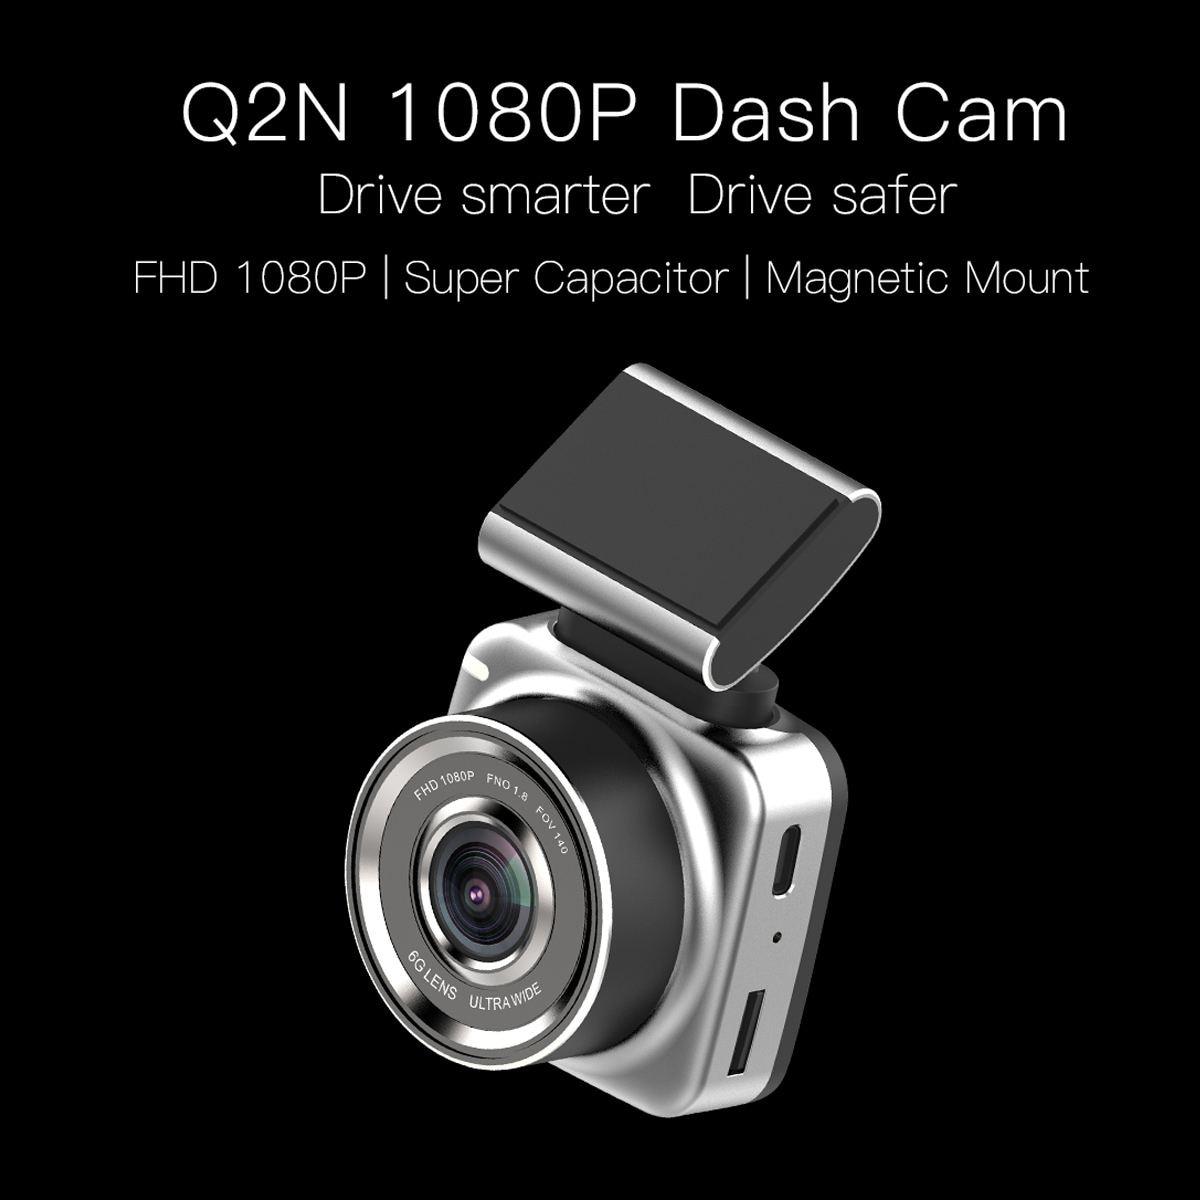 Anytek Q2 détecteur de Radar DVR DVR DVR FHD 1080 P enregistreur vidéo caméra tableau de bord caméra ADAS LDWS Support magnétique amovible